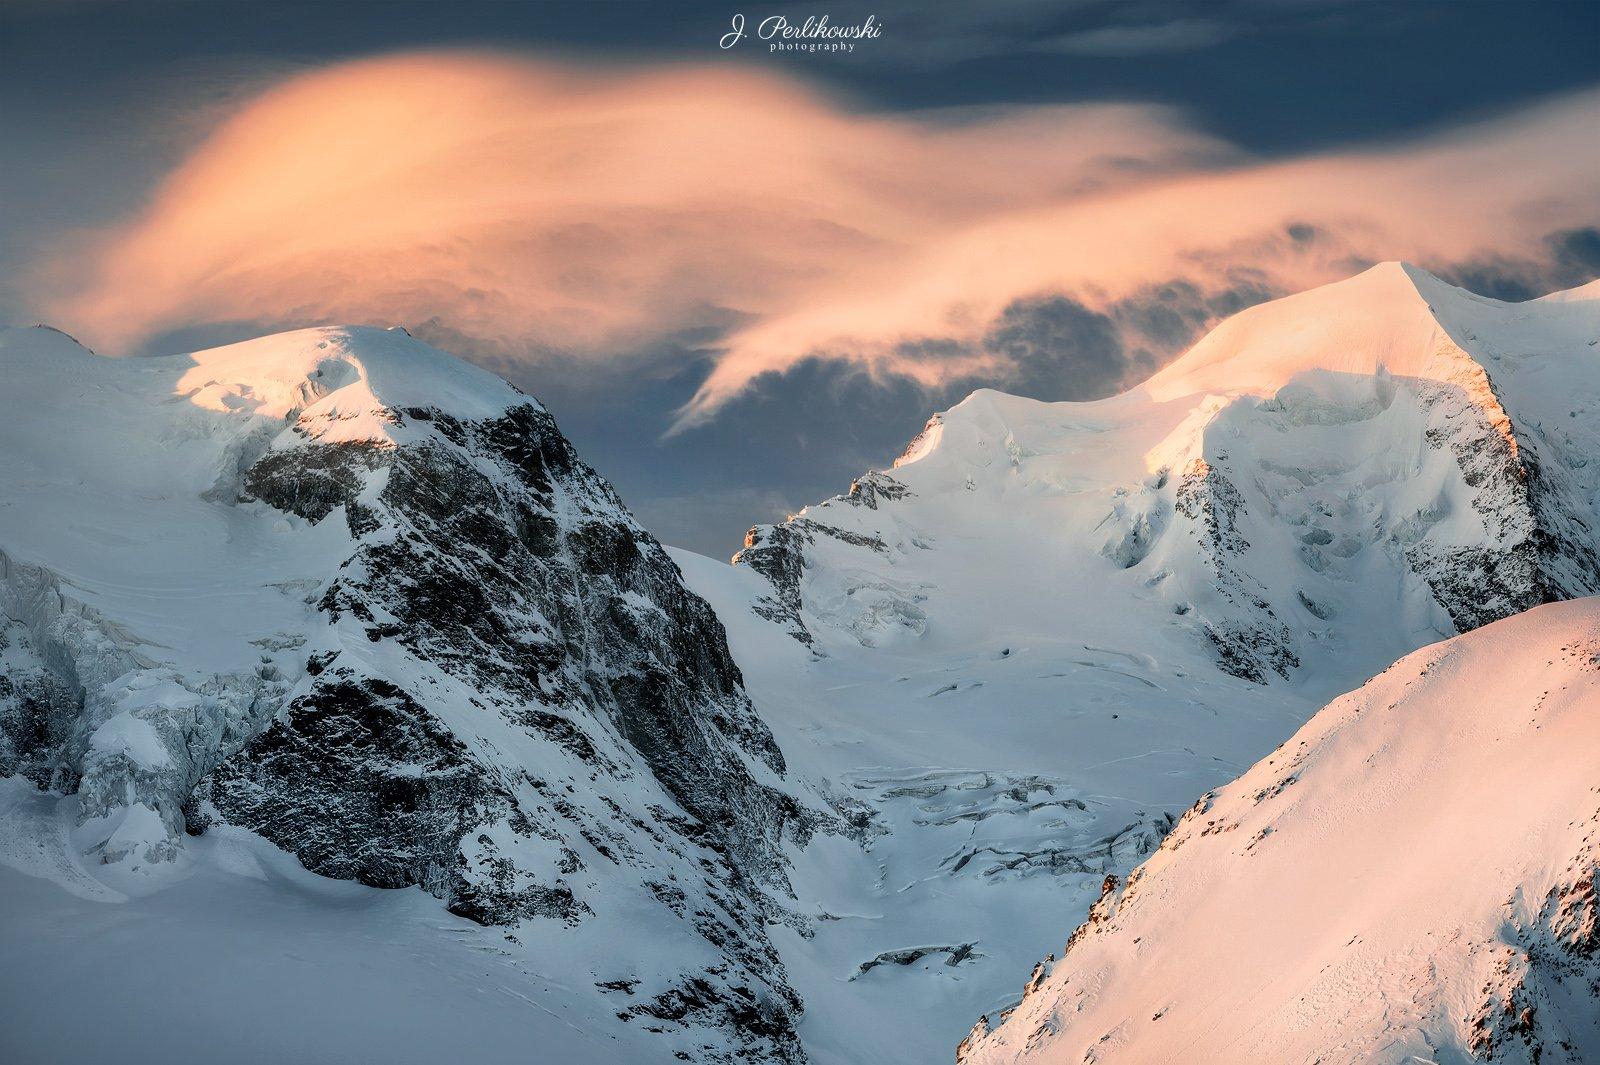 switzerland, glacier, alps, sunrise, winter, morning, colours, landscape,mountains,, Perlikowski Jakub